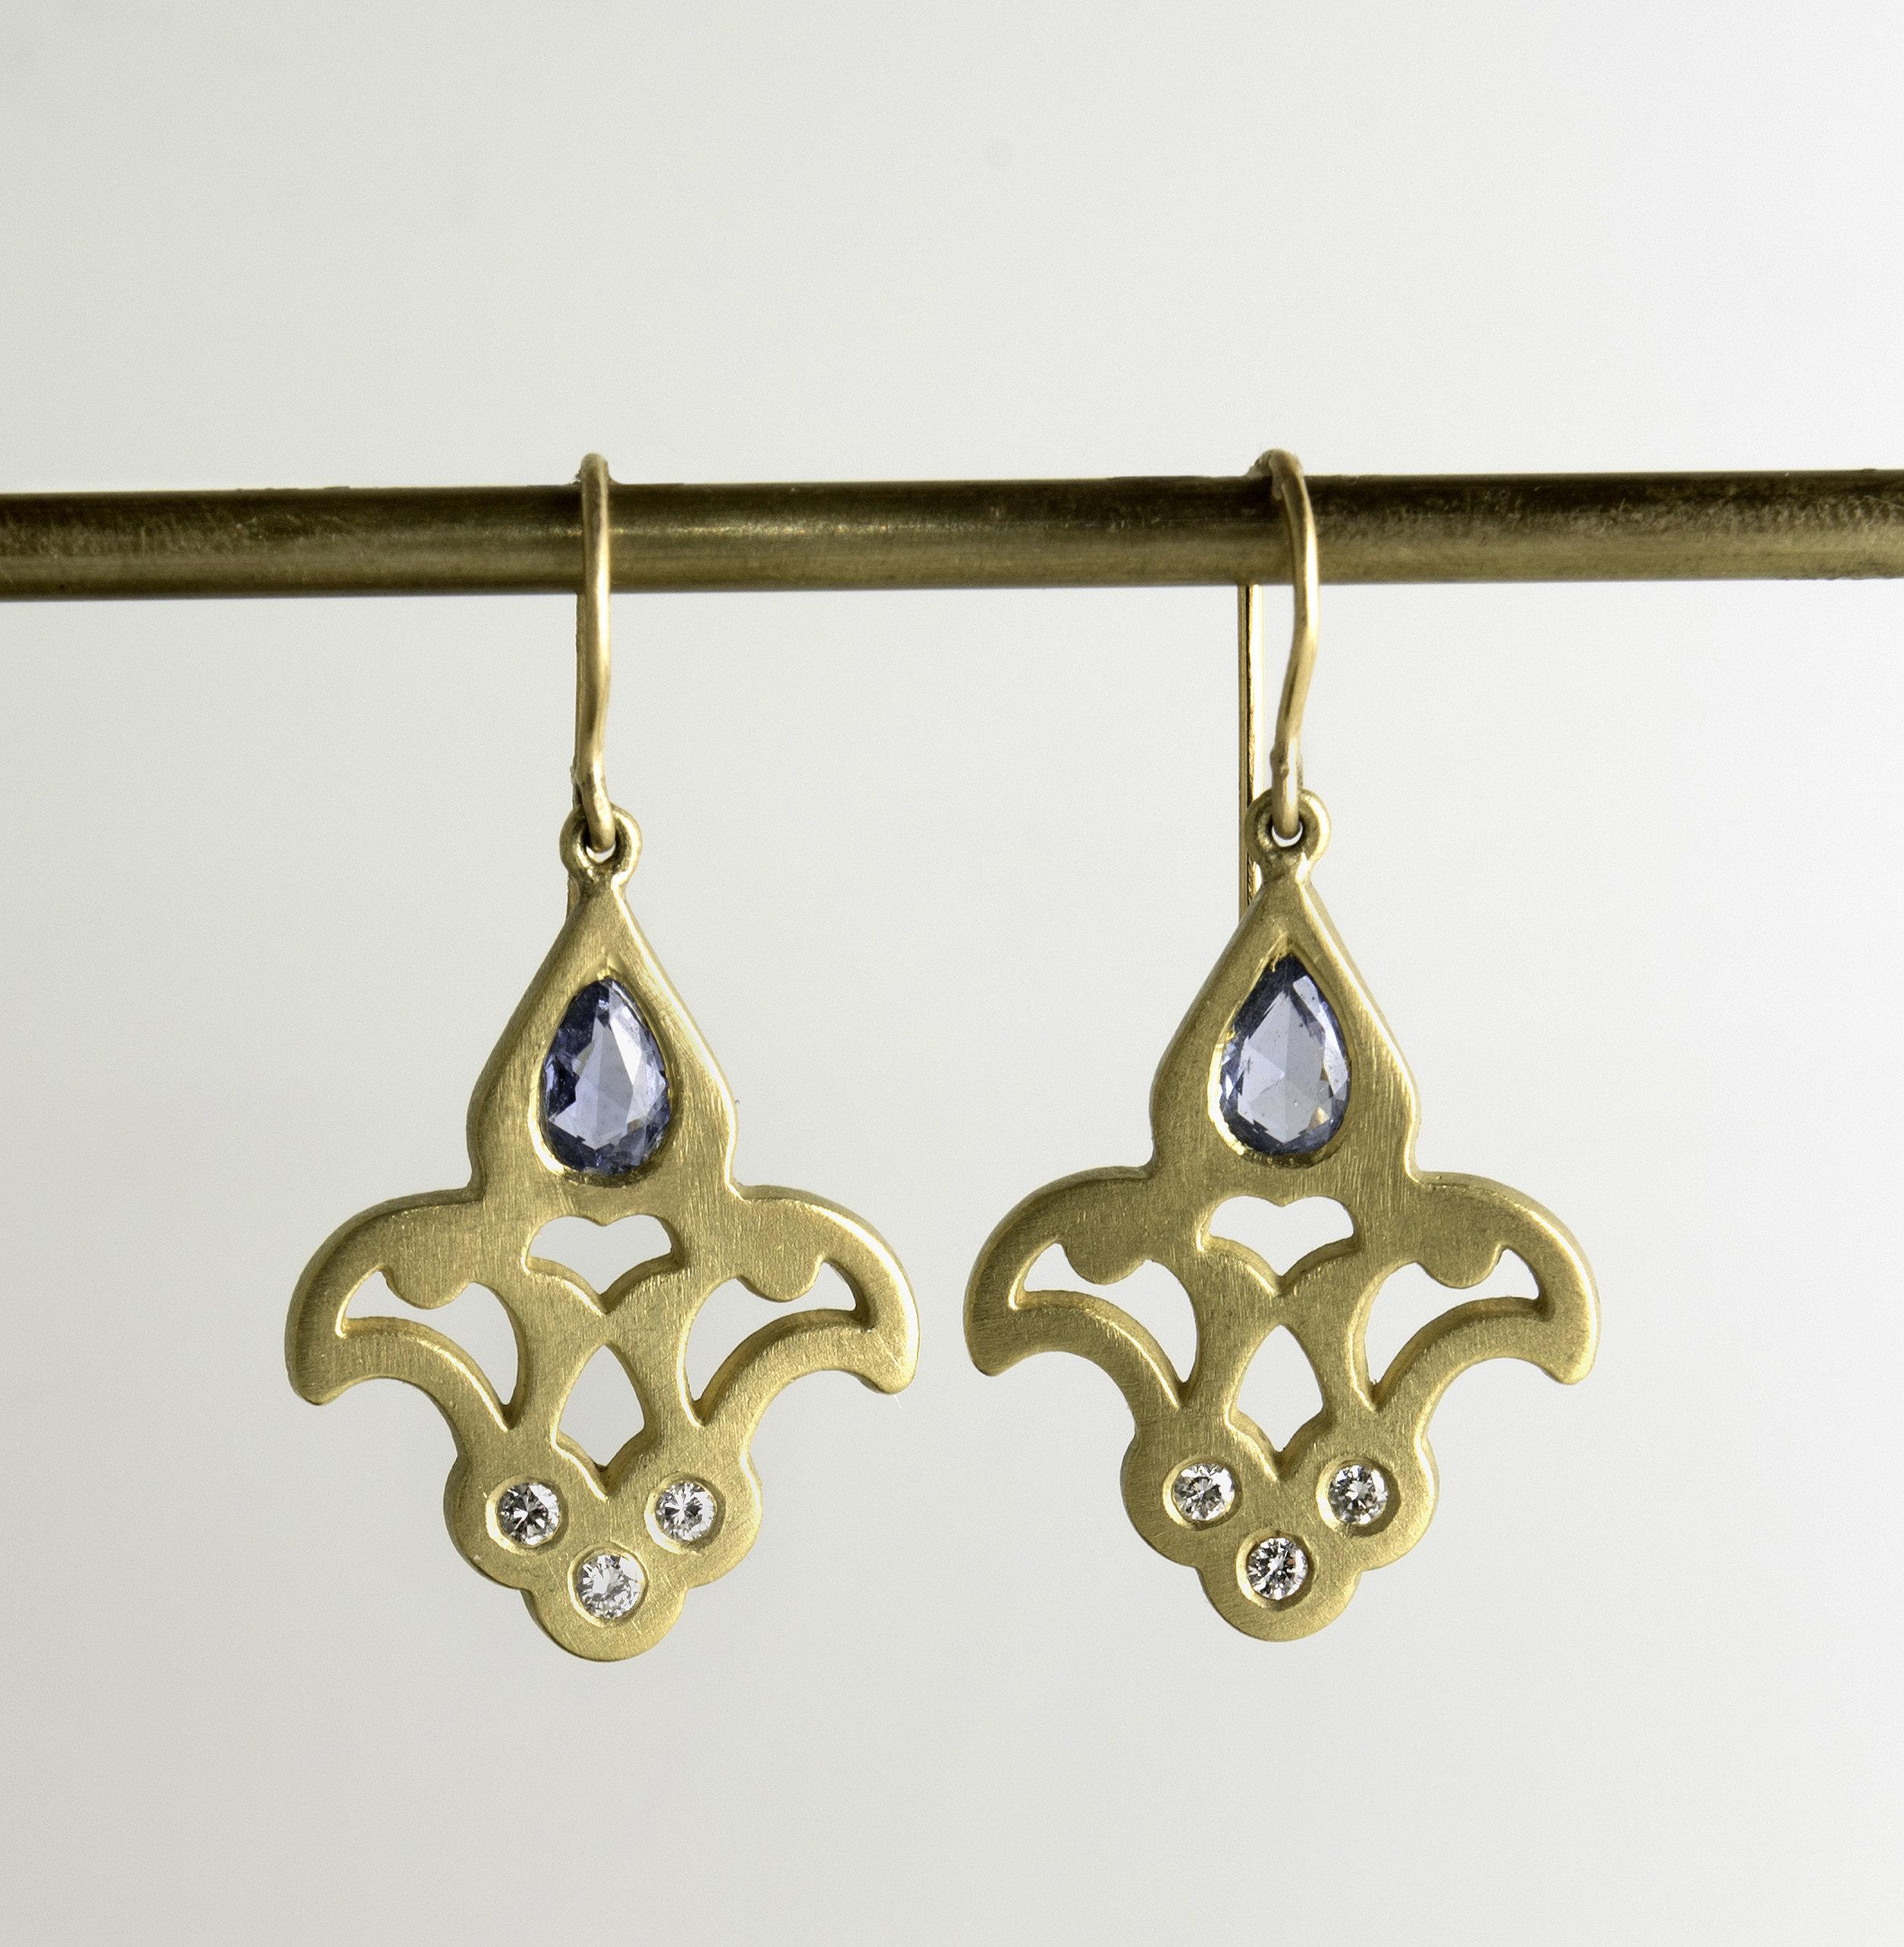 20Kt Fleur De Lis Sapphire and Diamond Drop Earrings